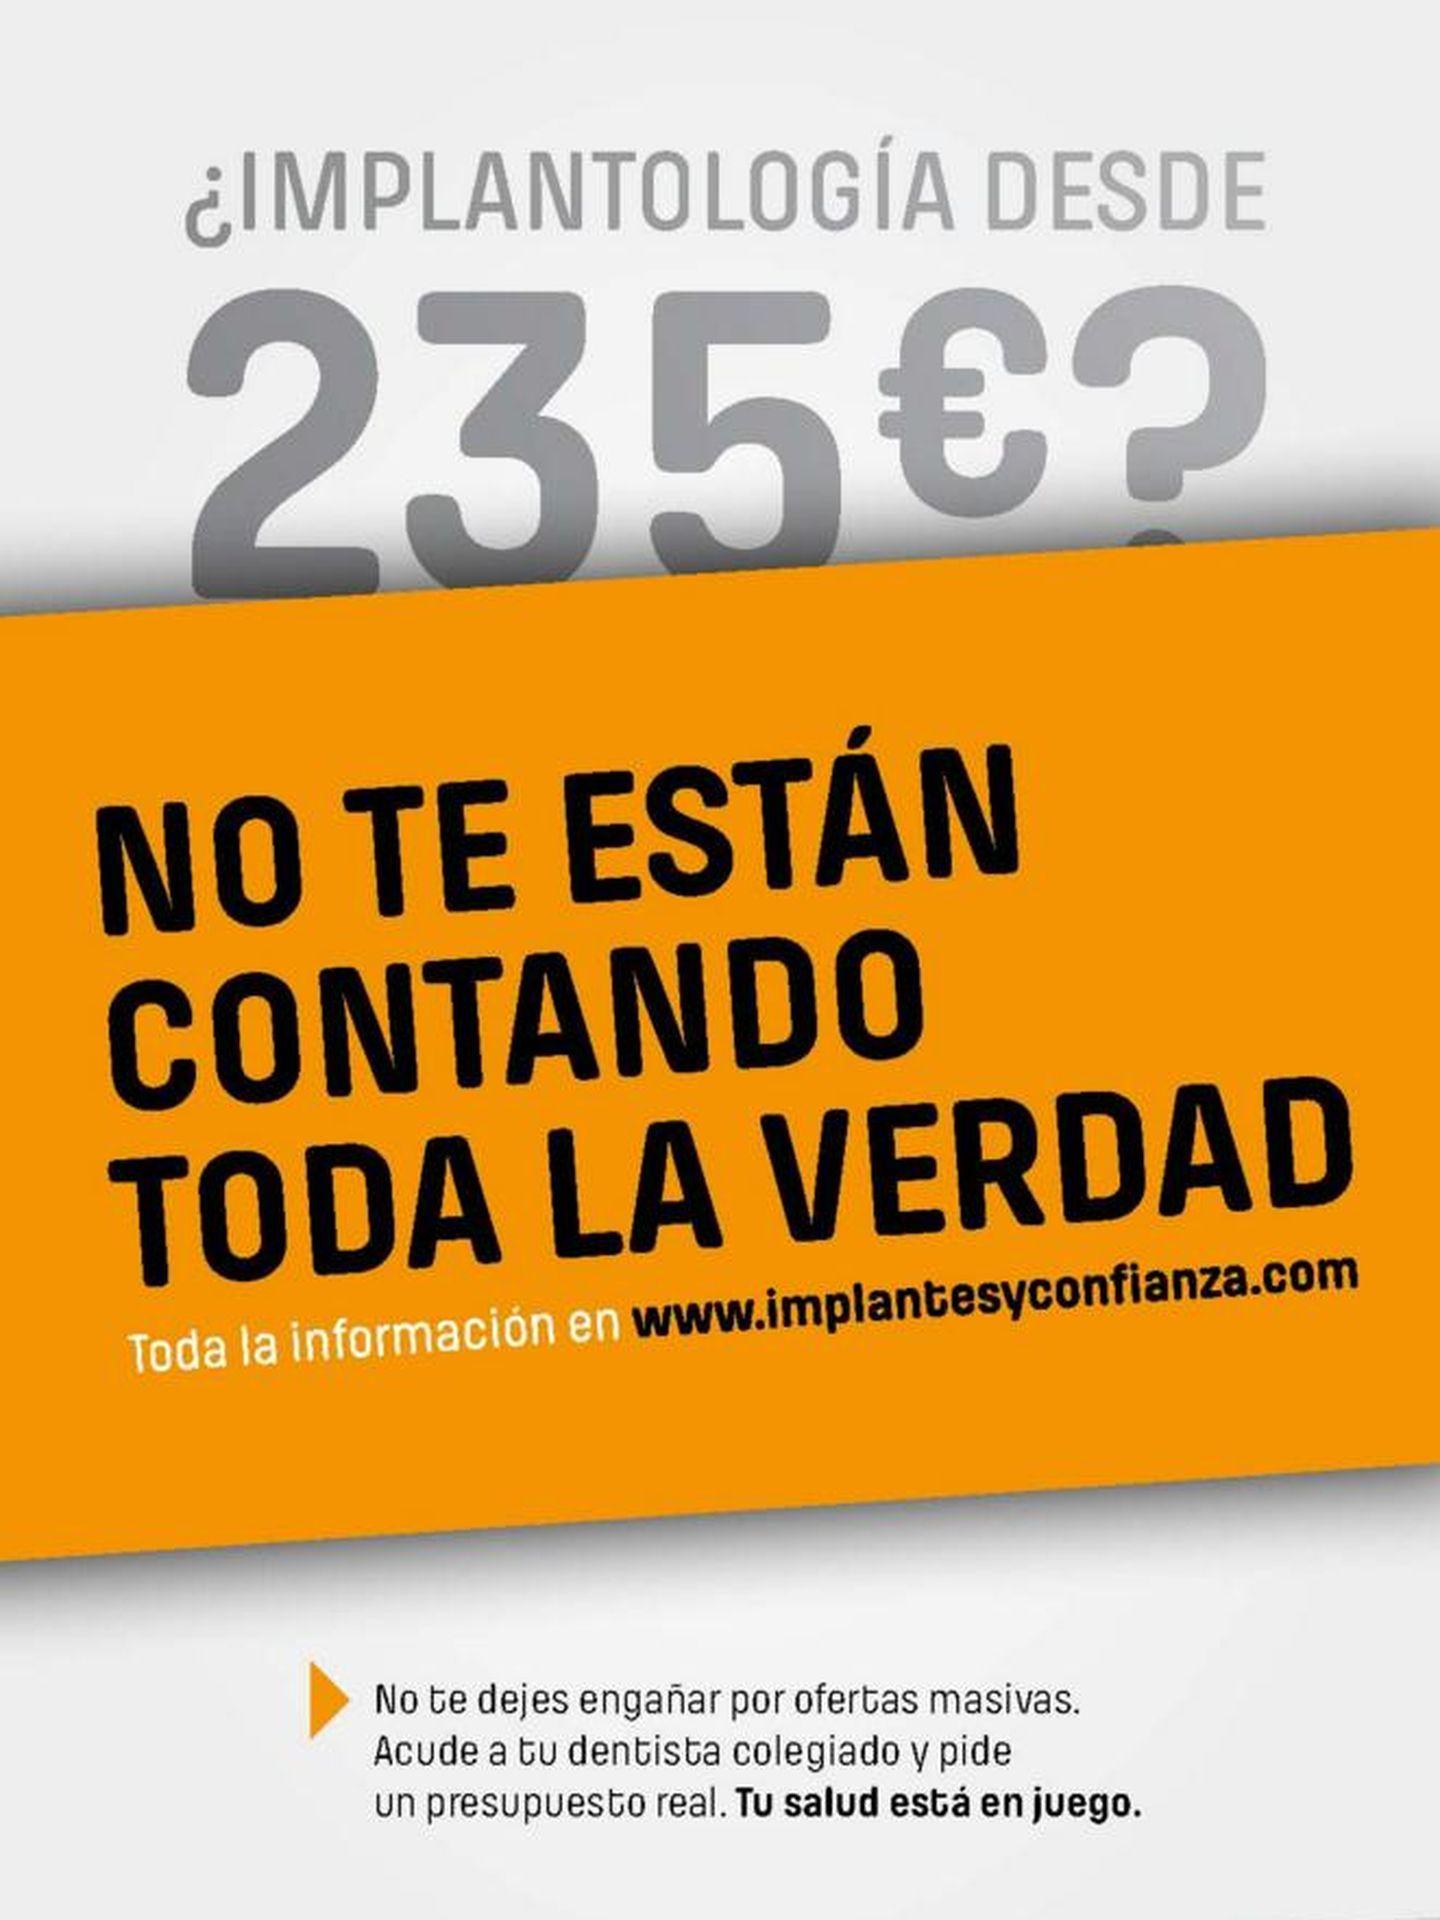 Así era la campaña promovida por los colegios de odontólogos de Valencia y Castellón.